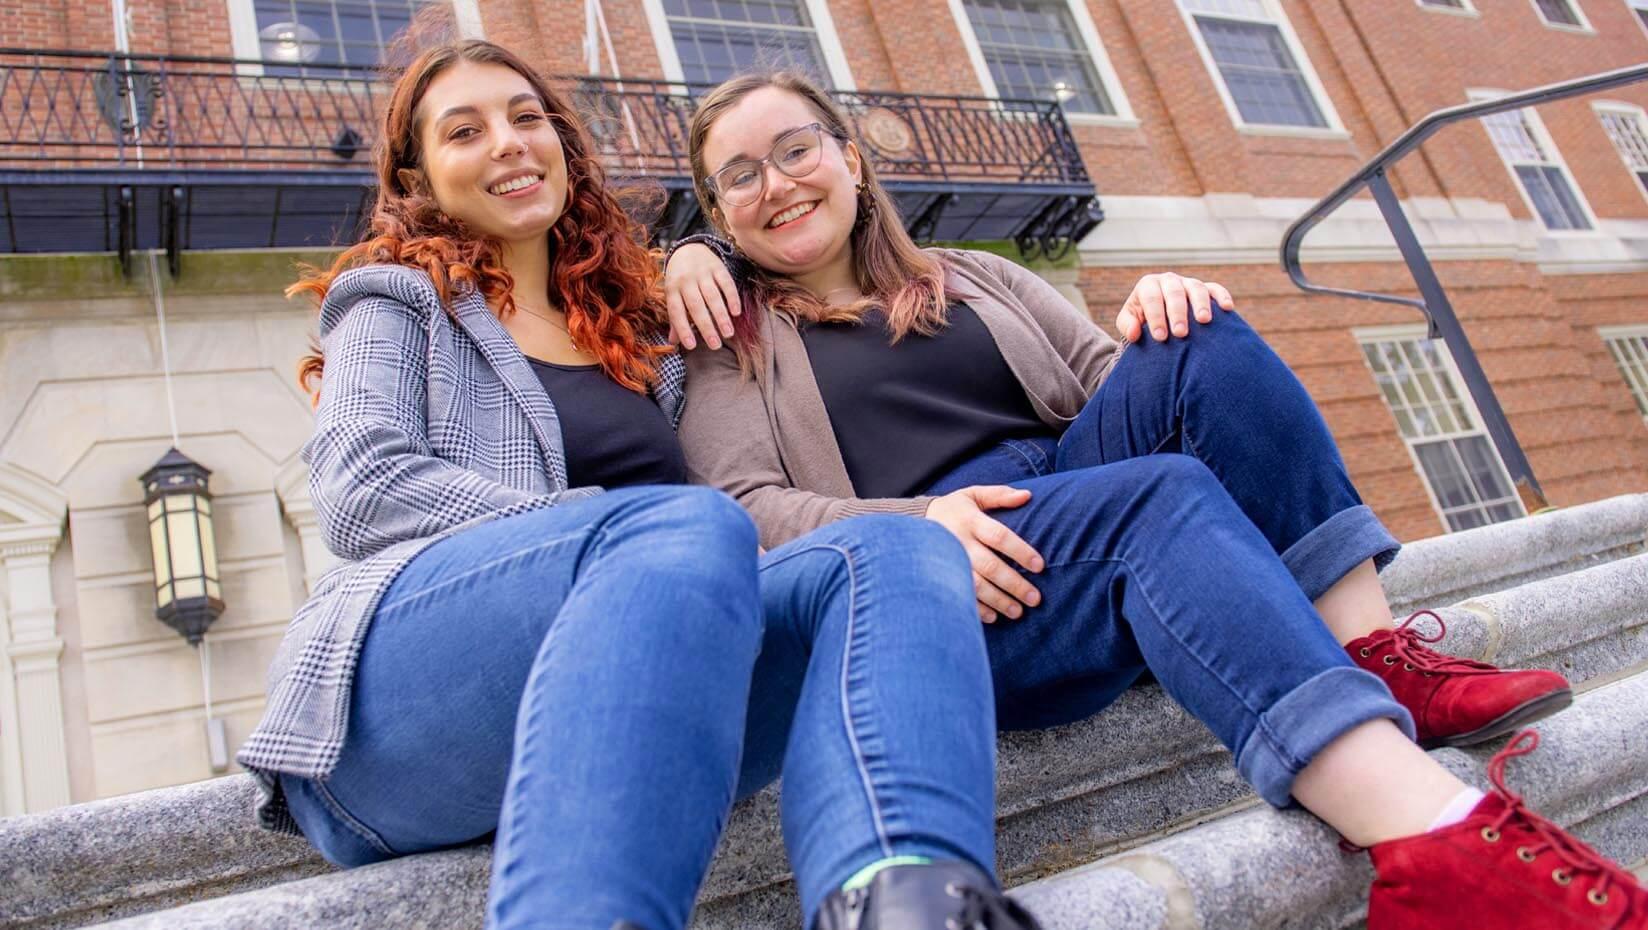 Rachel Breault and Caitlin Galvin